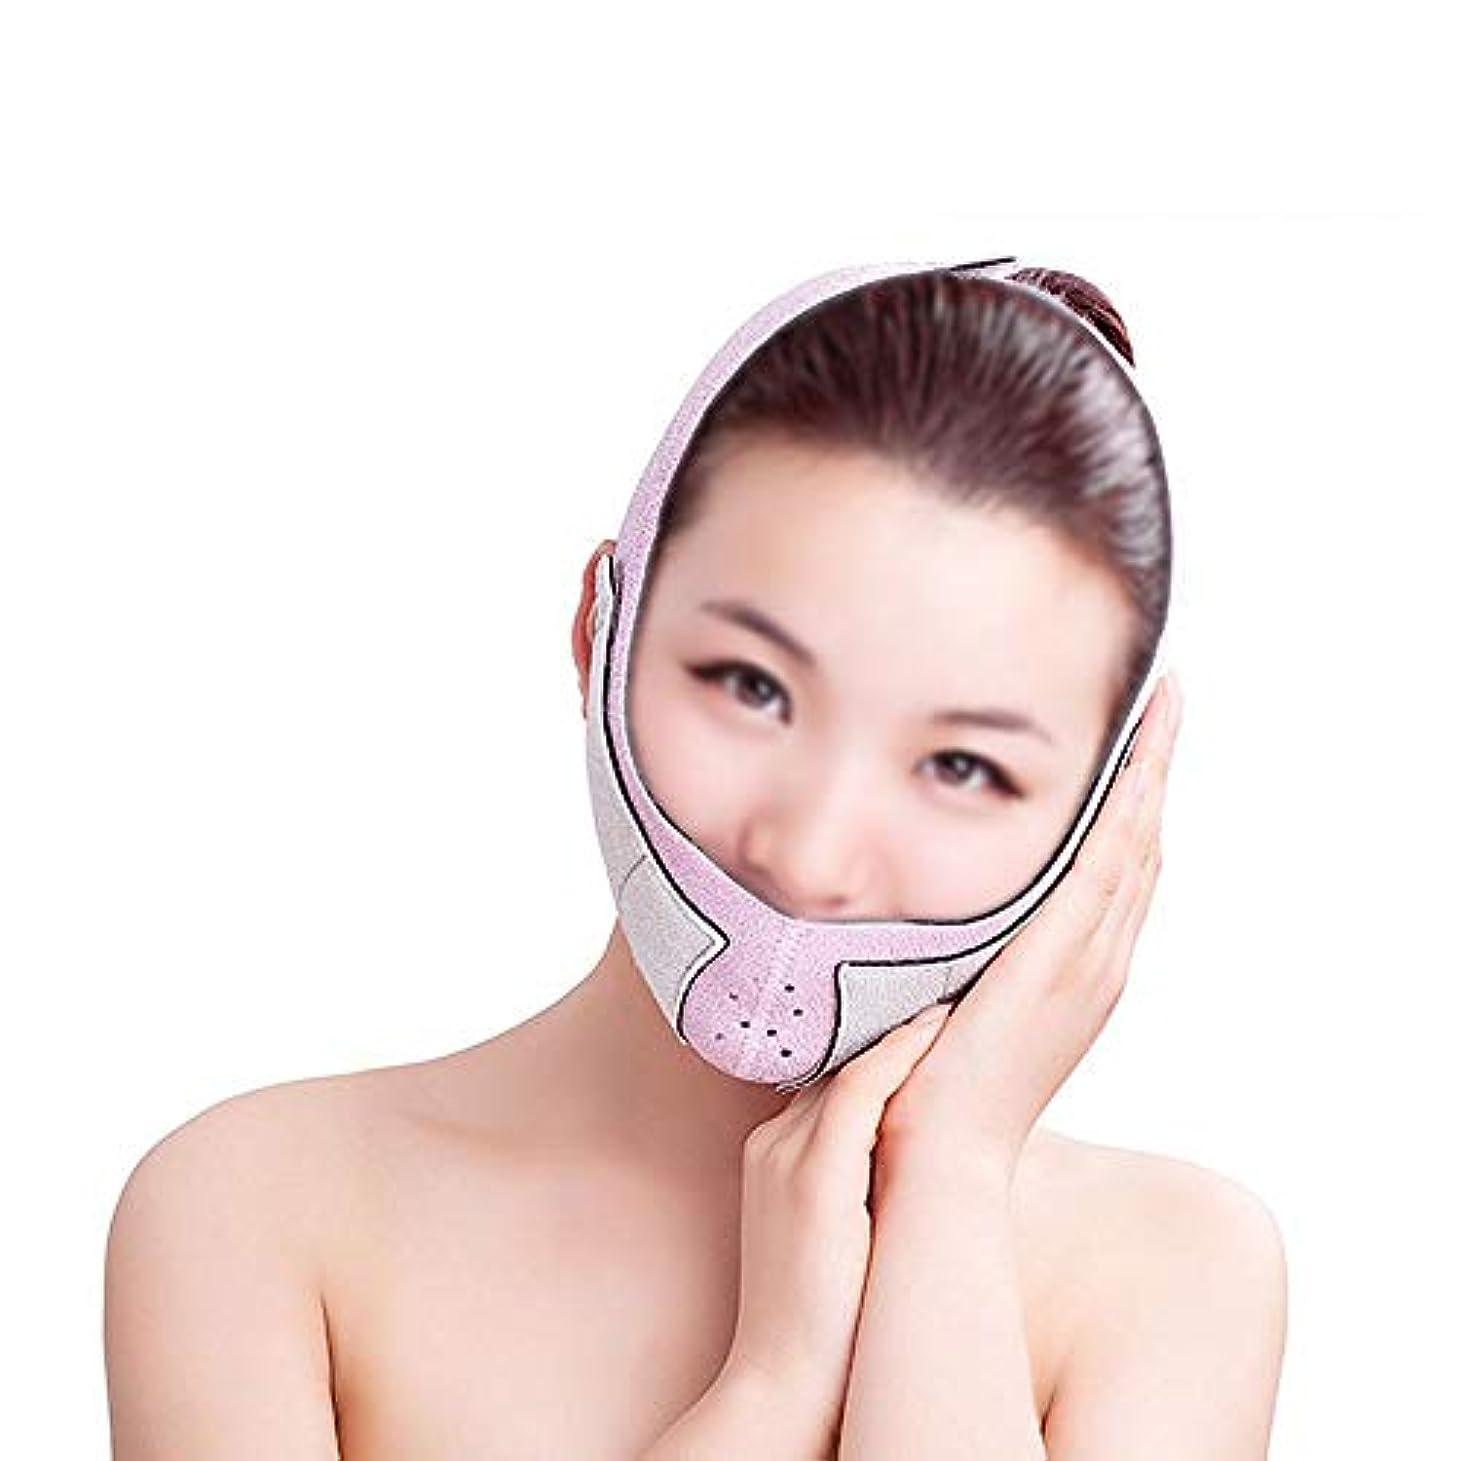 世界記録のギネスブック落ち着かない離すフェイスリフトマスク、痩身ベルト薄いフェイスマスク強力な持ち上げ小さなV顔薄い顔包帯美容フェイスリフティングデバイス